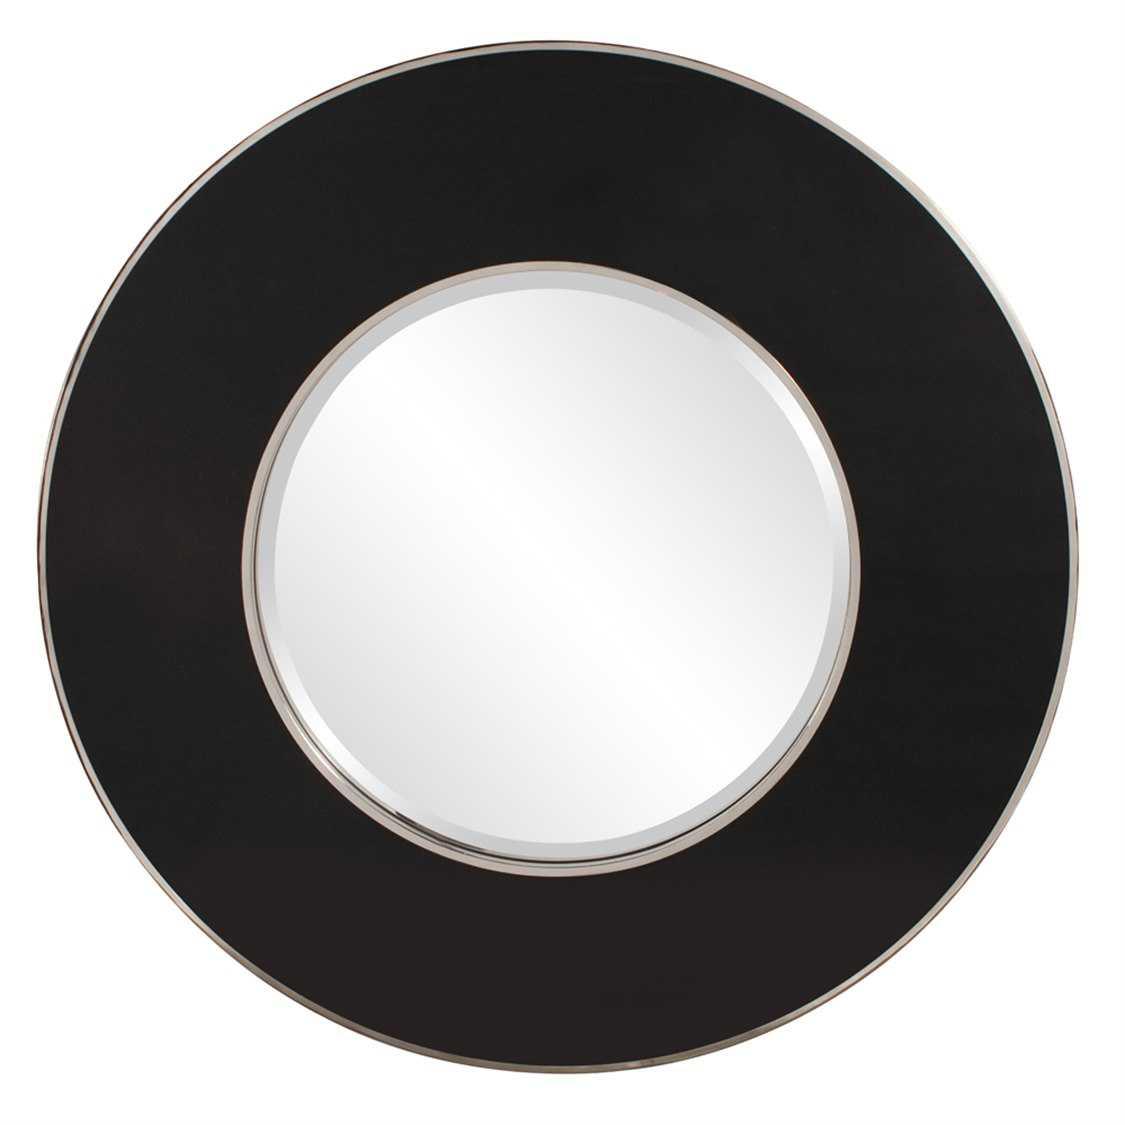 Howard elliott regent 42 round black wall mirror he11156 for Round black wall mirror